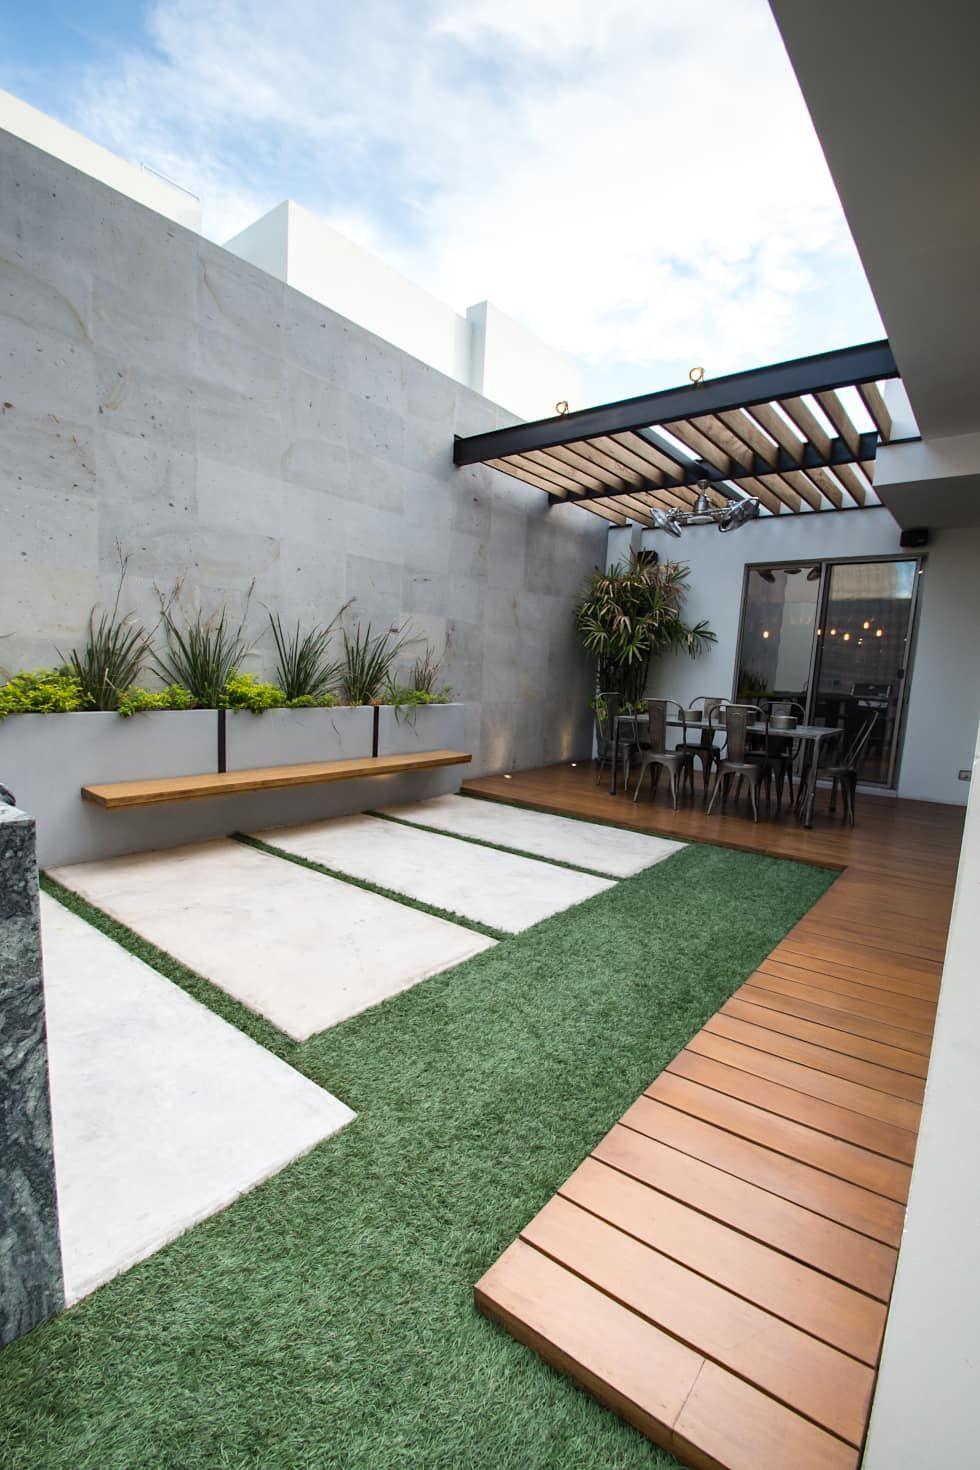 Ideas, imágenes y decoración de hogares | Terrazas, Arquitectura y ...